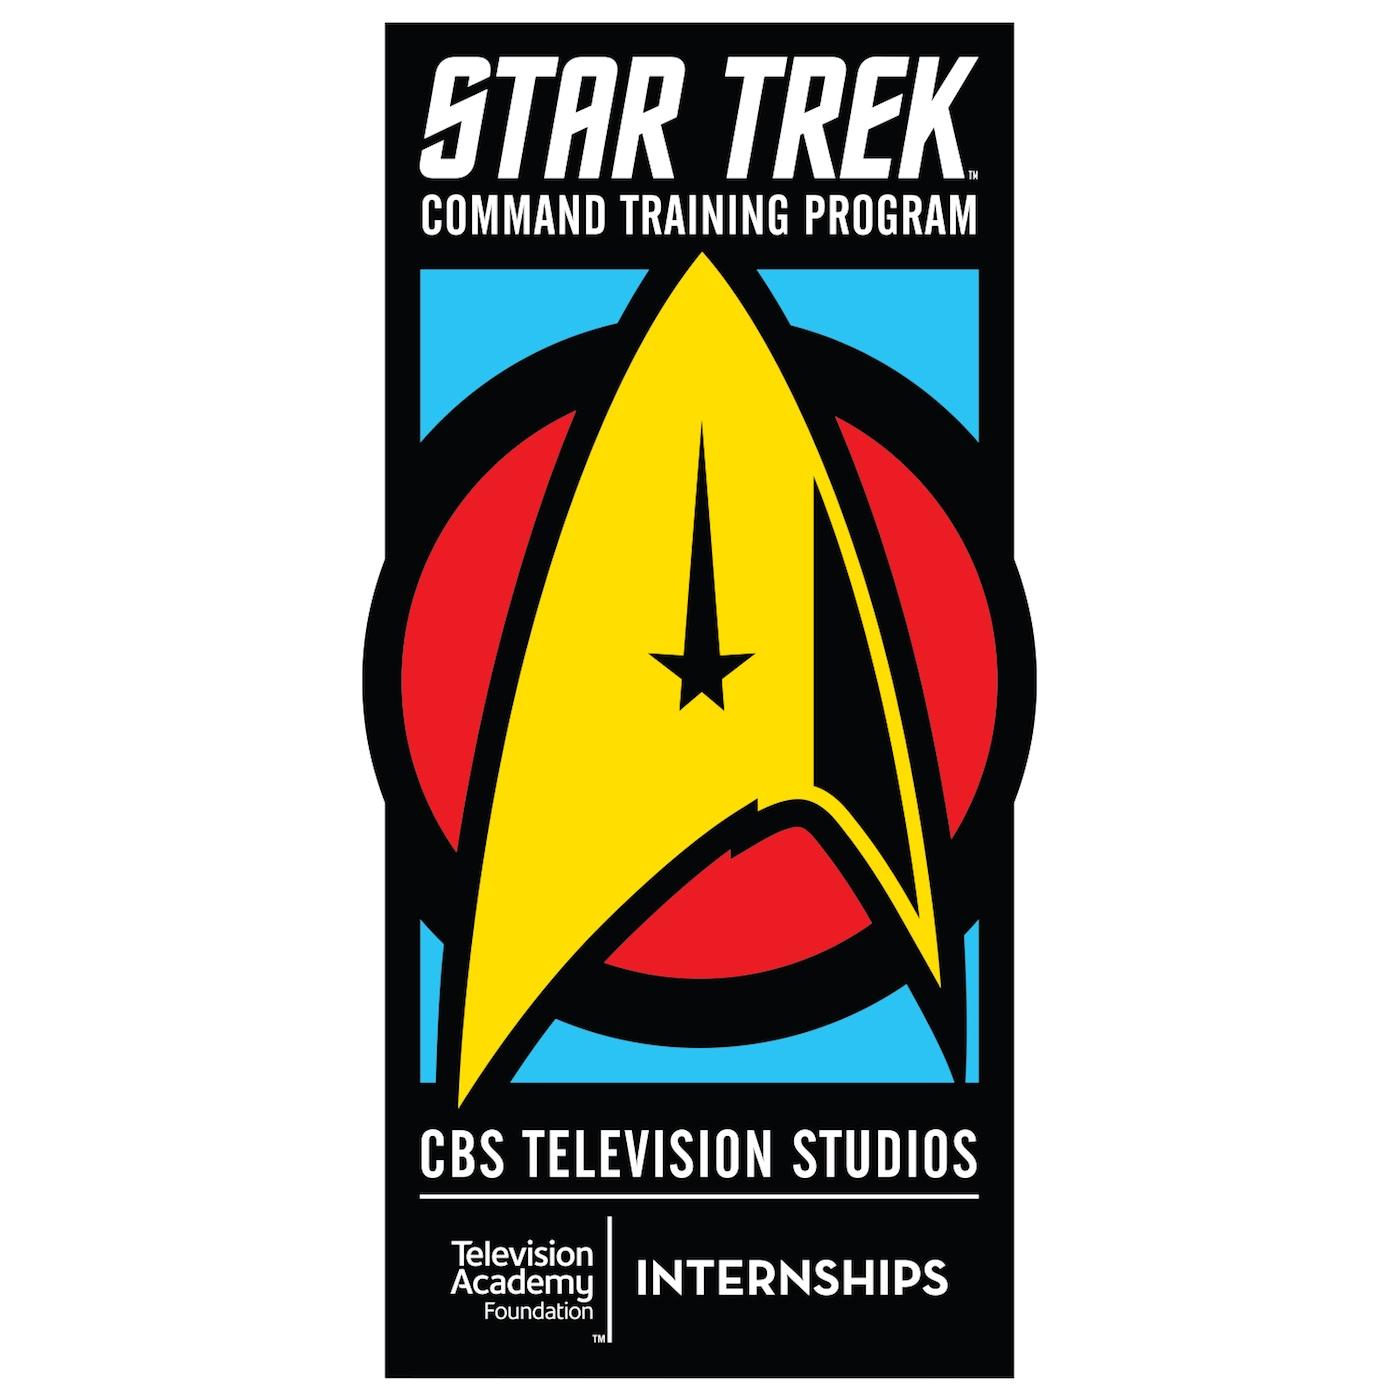 Star Trek Command Training Program internships